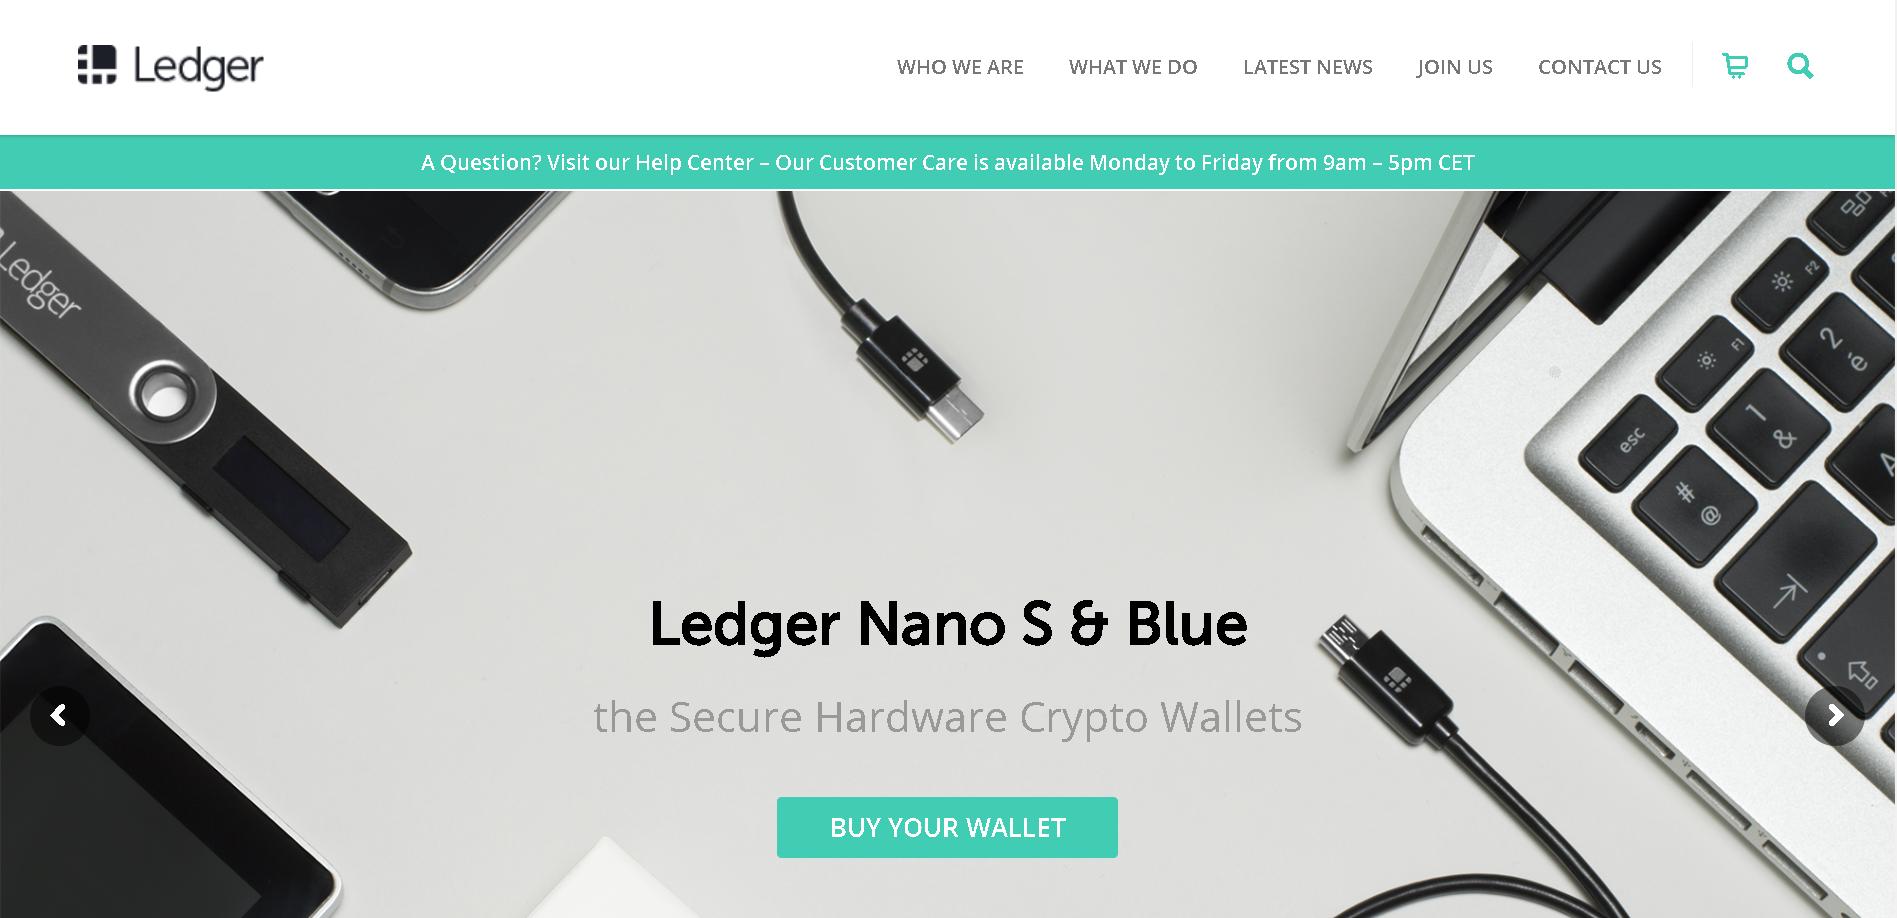 Ledger Nano Sアイキャッチ